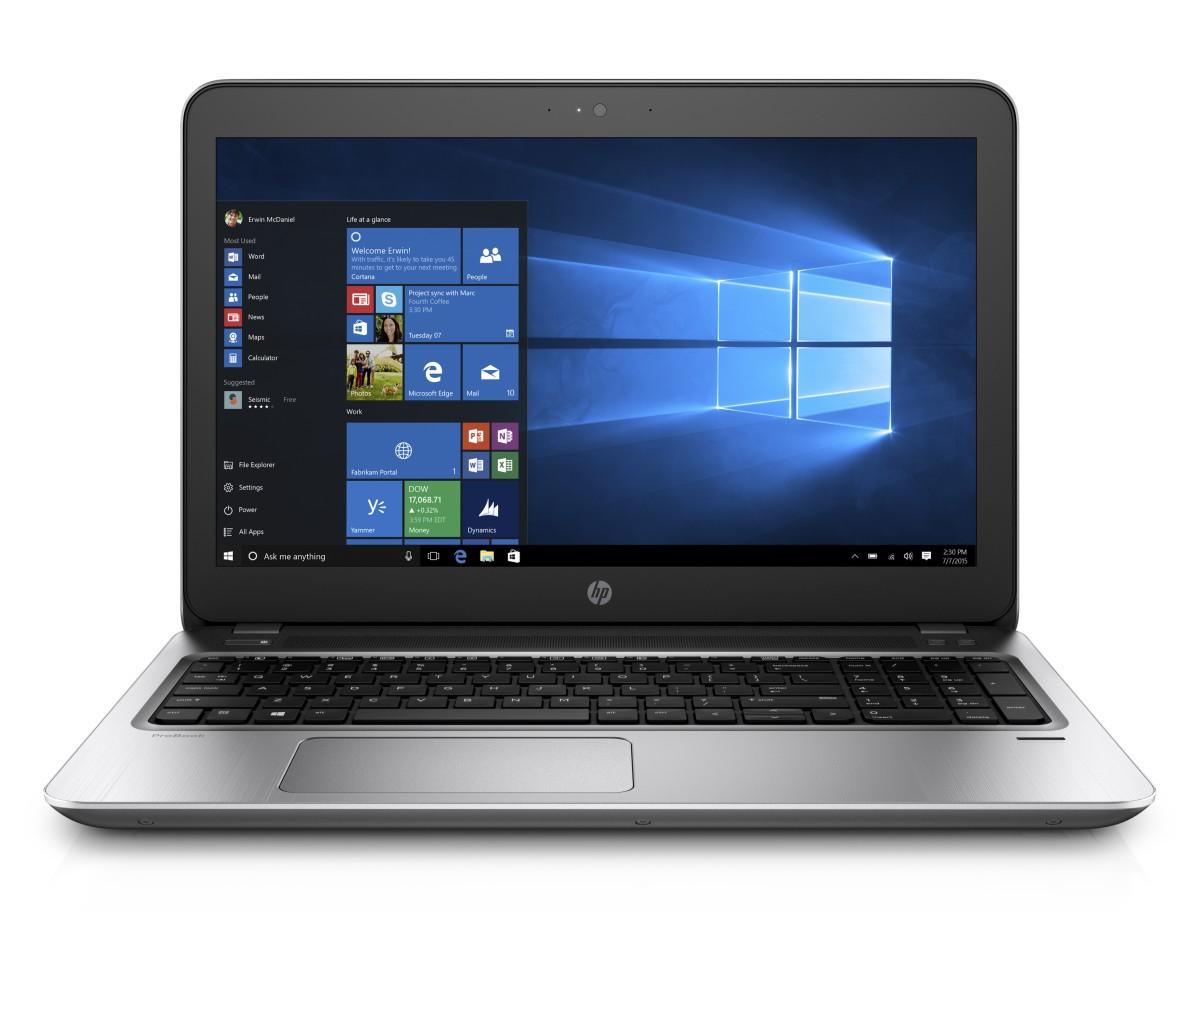 HP ProBook 450 G4 i7-7500U 15.6 FHD CAM, 8GB, 256GB SSD+volny slot 2,5, DVDRW, FpR, WiFi ac, BT, Backlit kbd, Win10Pro